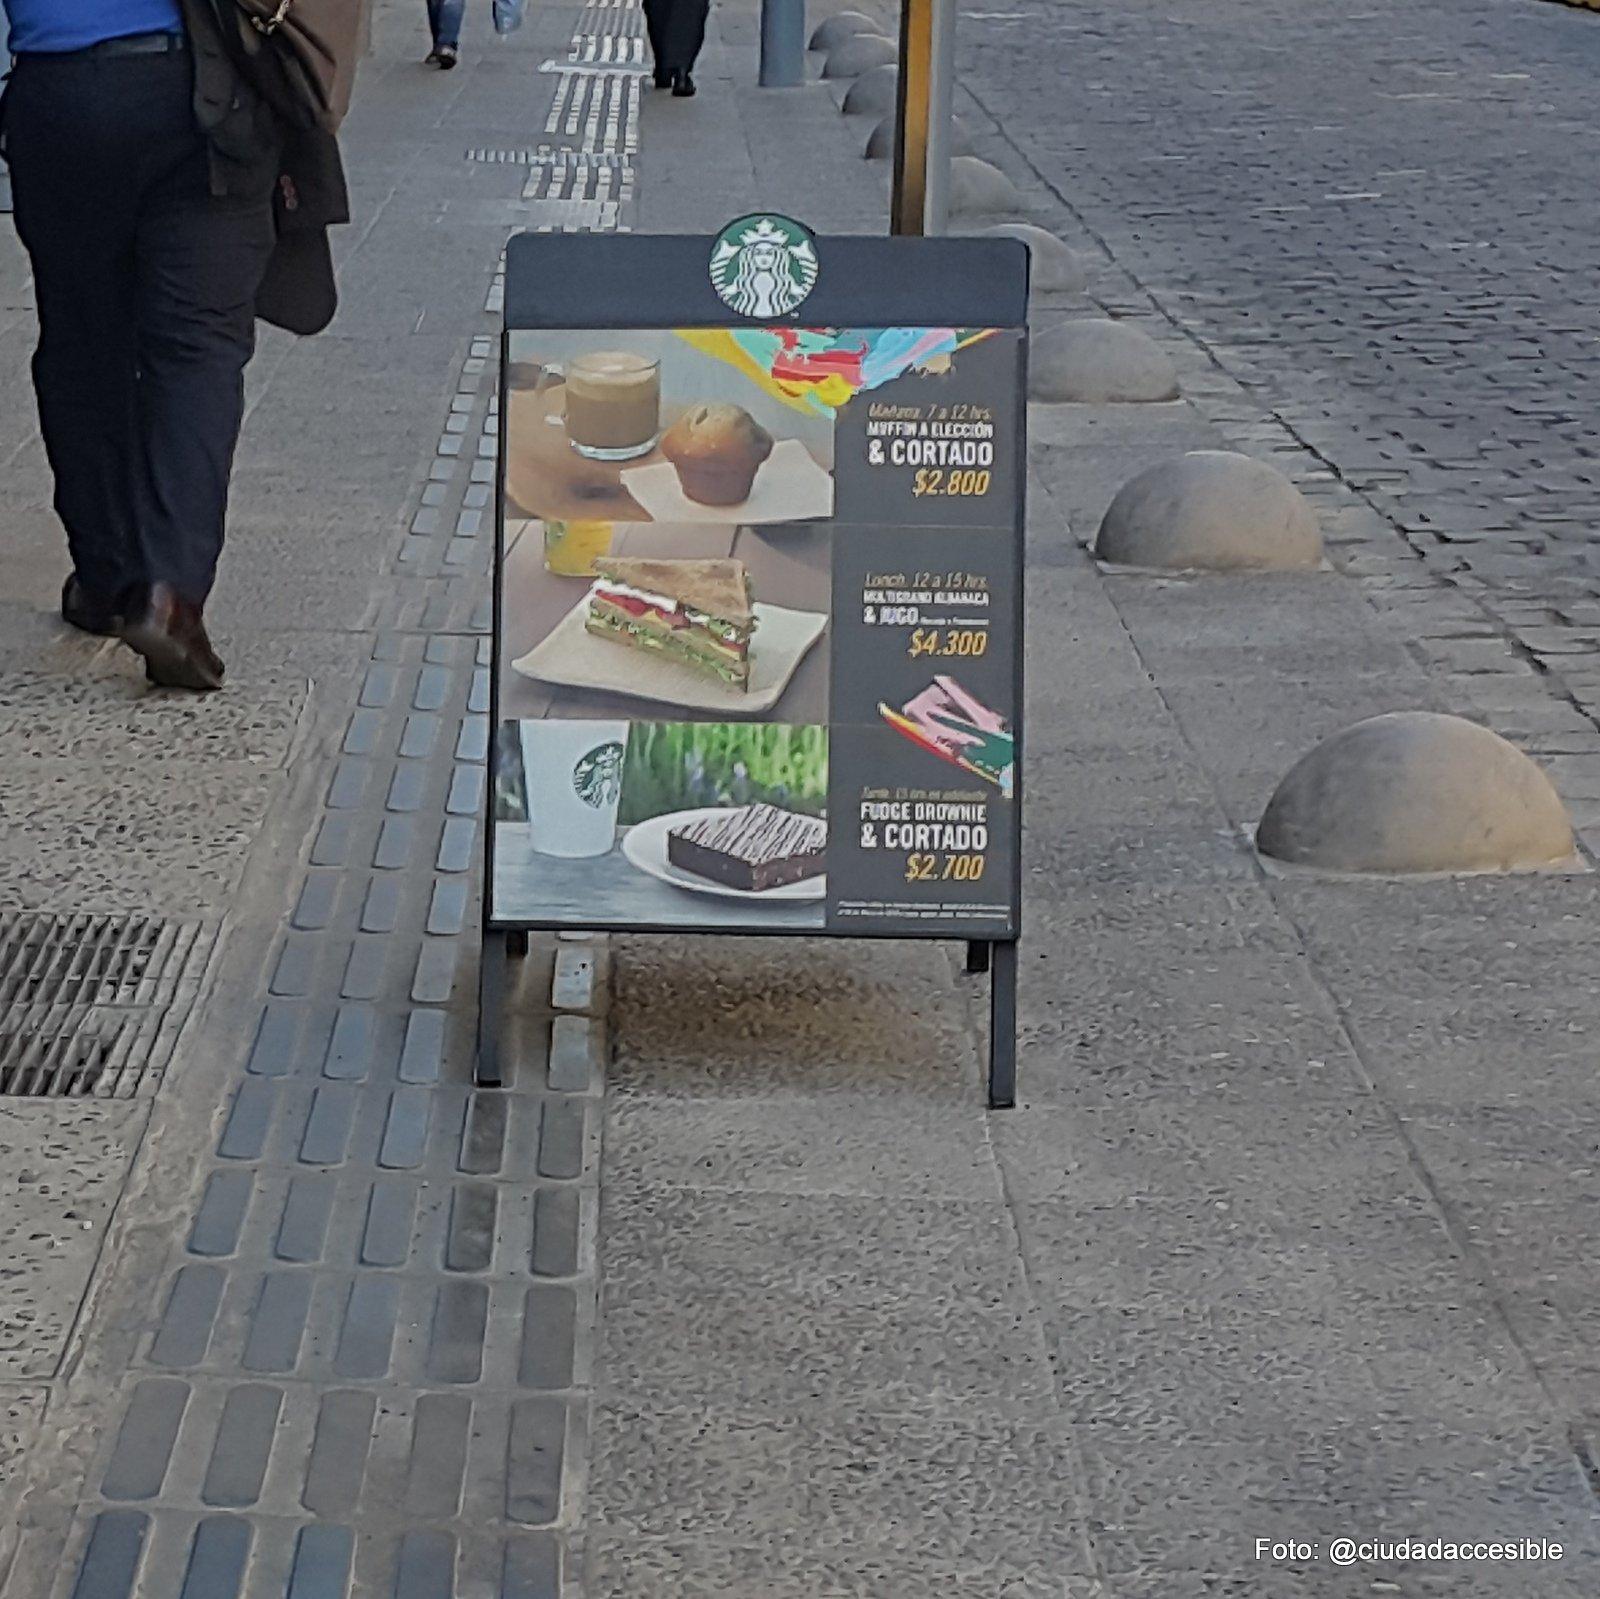 carteles con propaganda interrumpen la guía táctil